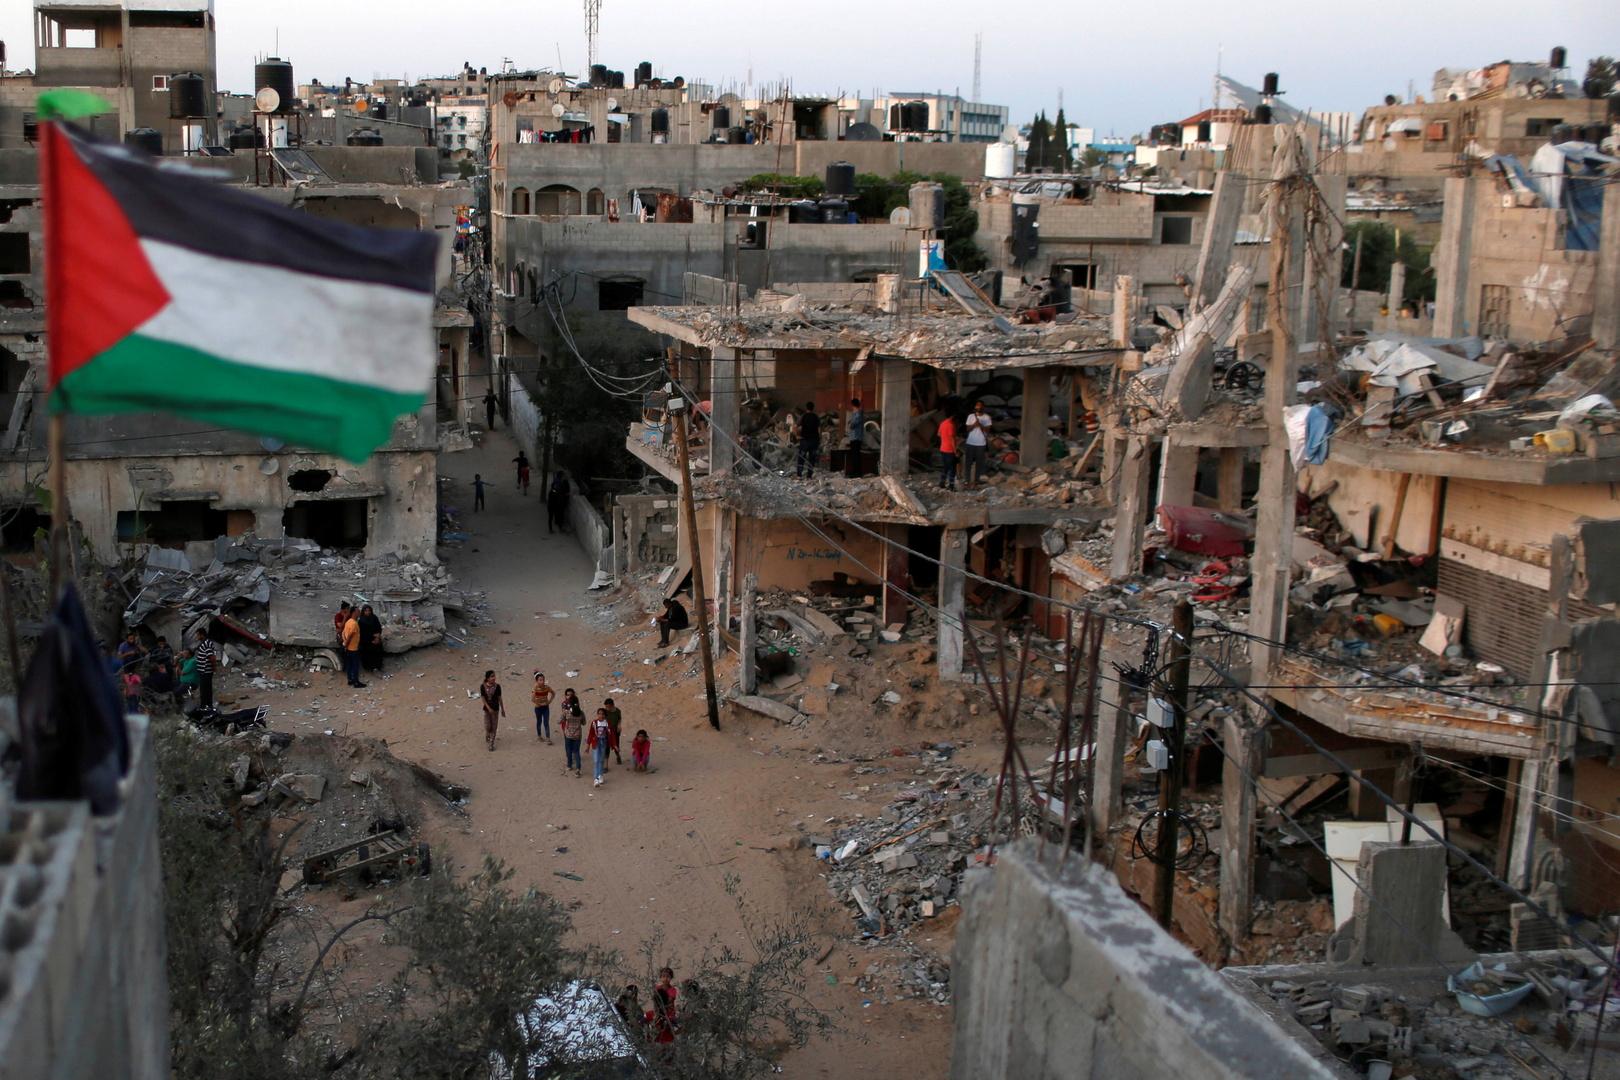 الدمار في غزة جراء العدوان الإسرائيلي الأخير